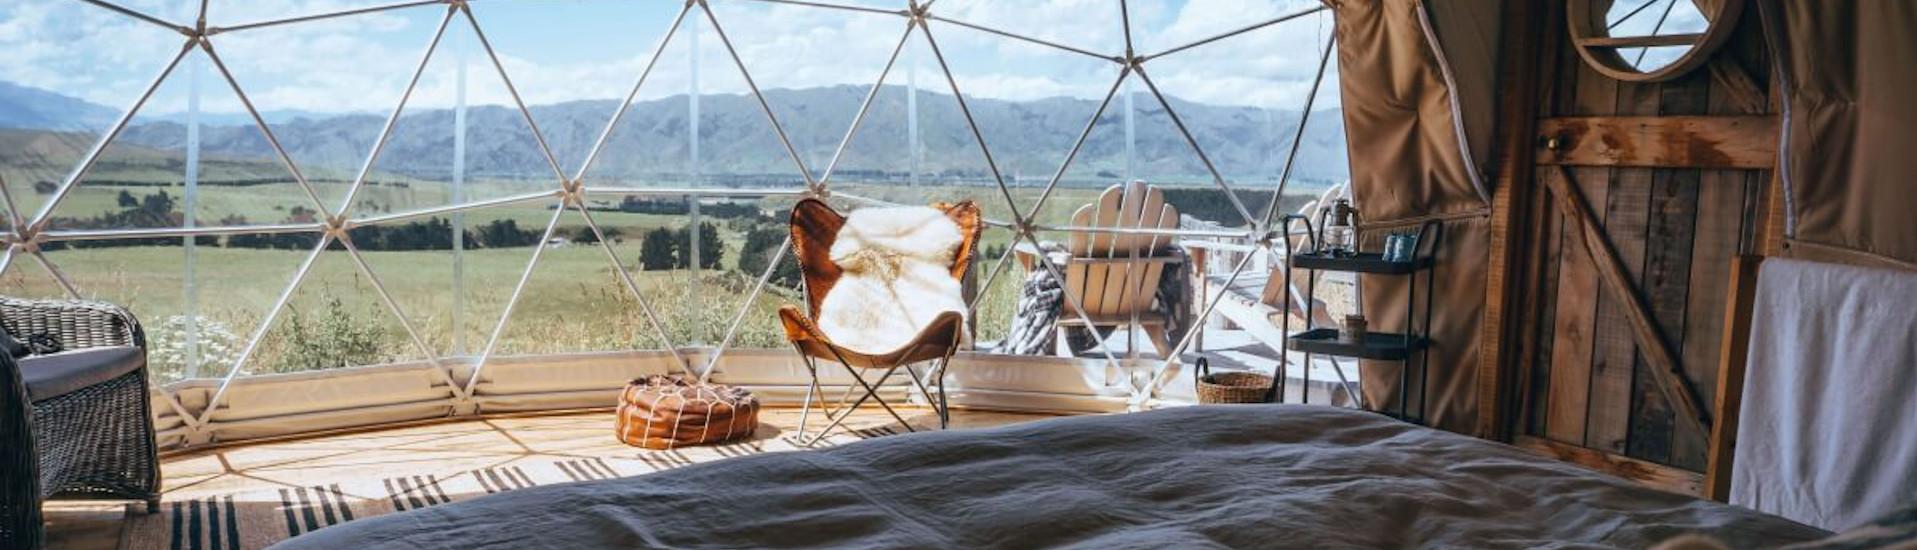 Luxury Glamping Zelt mit Küche und Bad 2